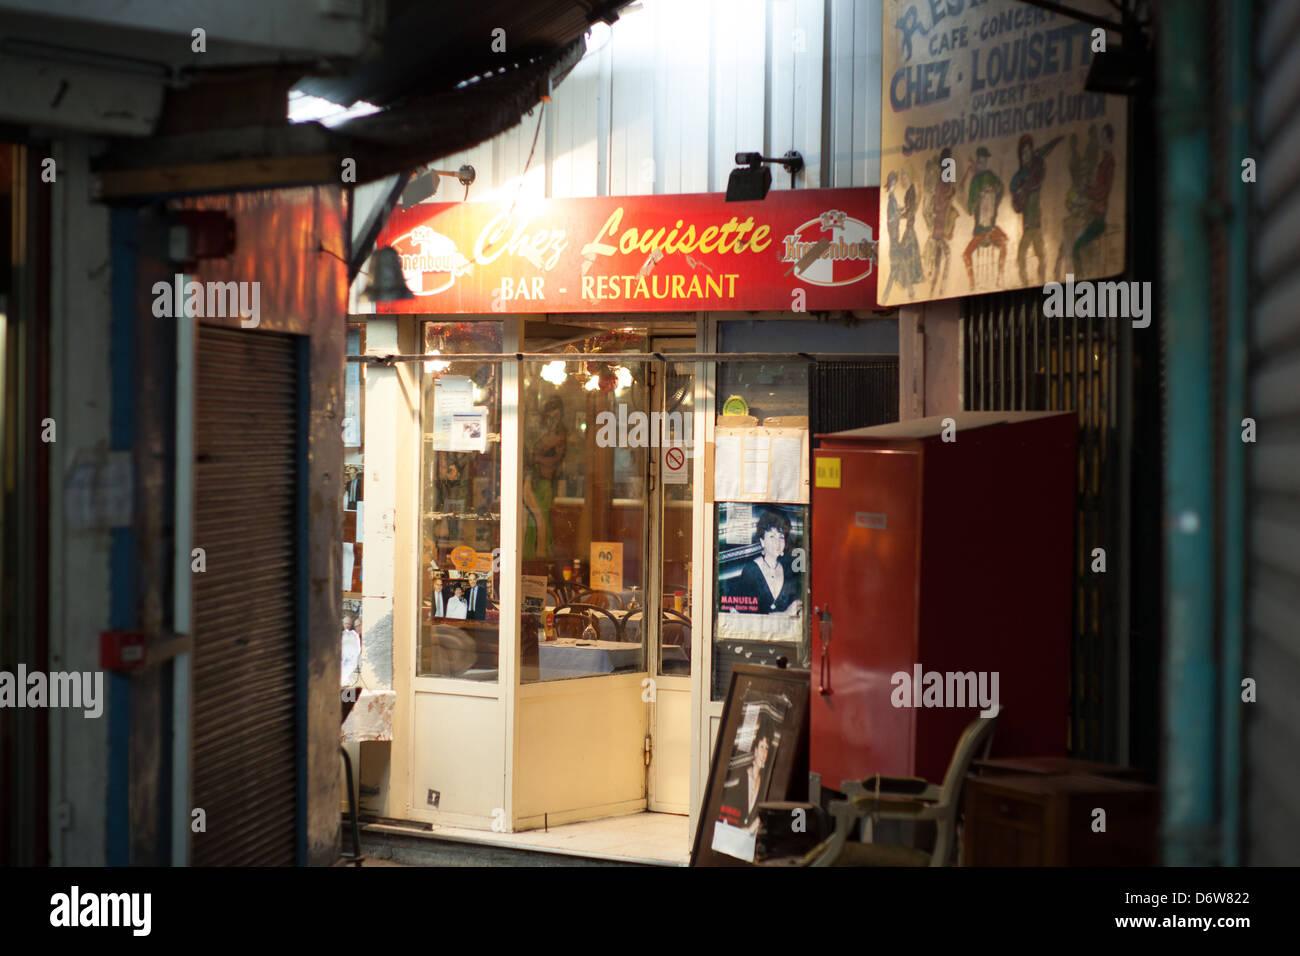 Cafe Chez Louisette in Paris - Stock Image